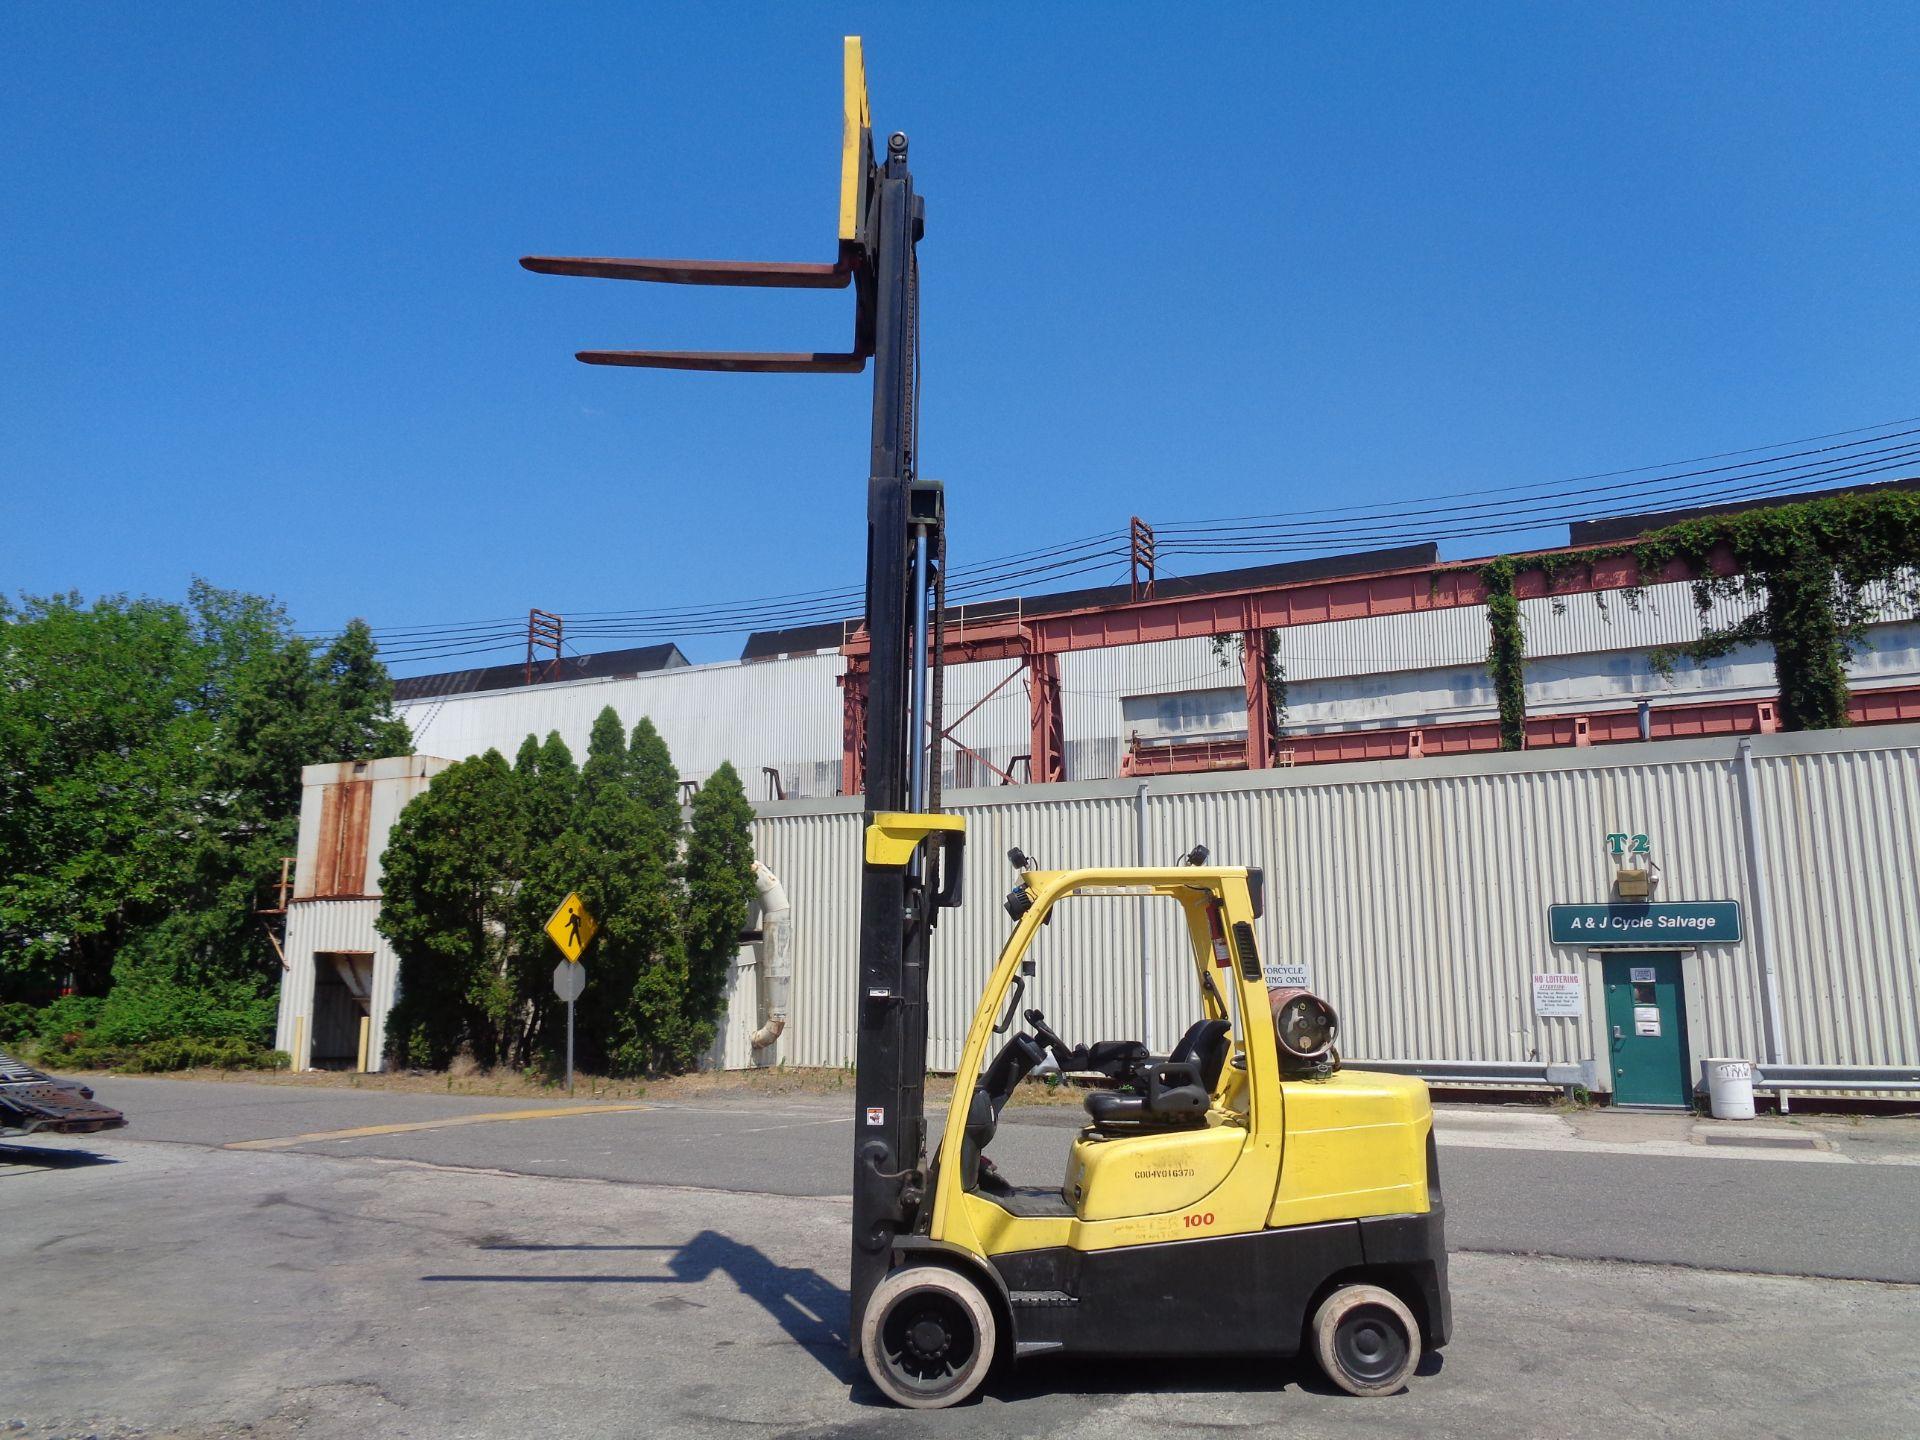 Hyster S100FT 10,000lb Forklift - Image 13 of 17